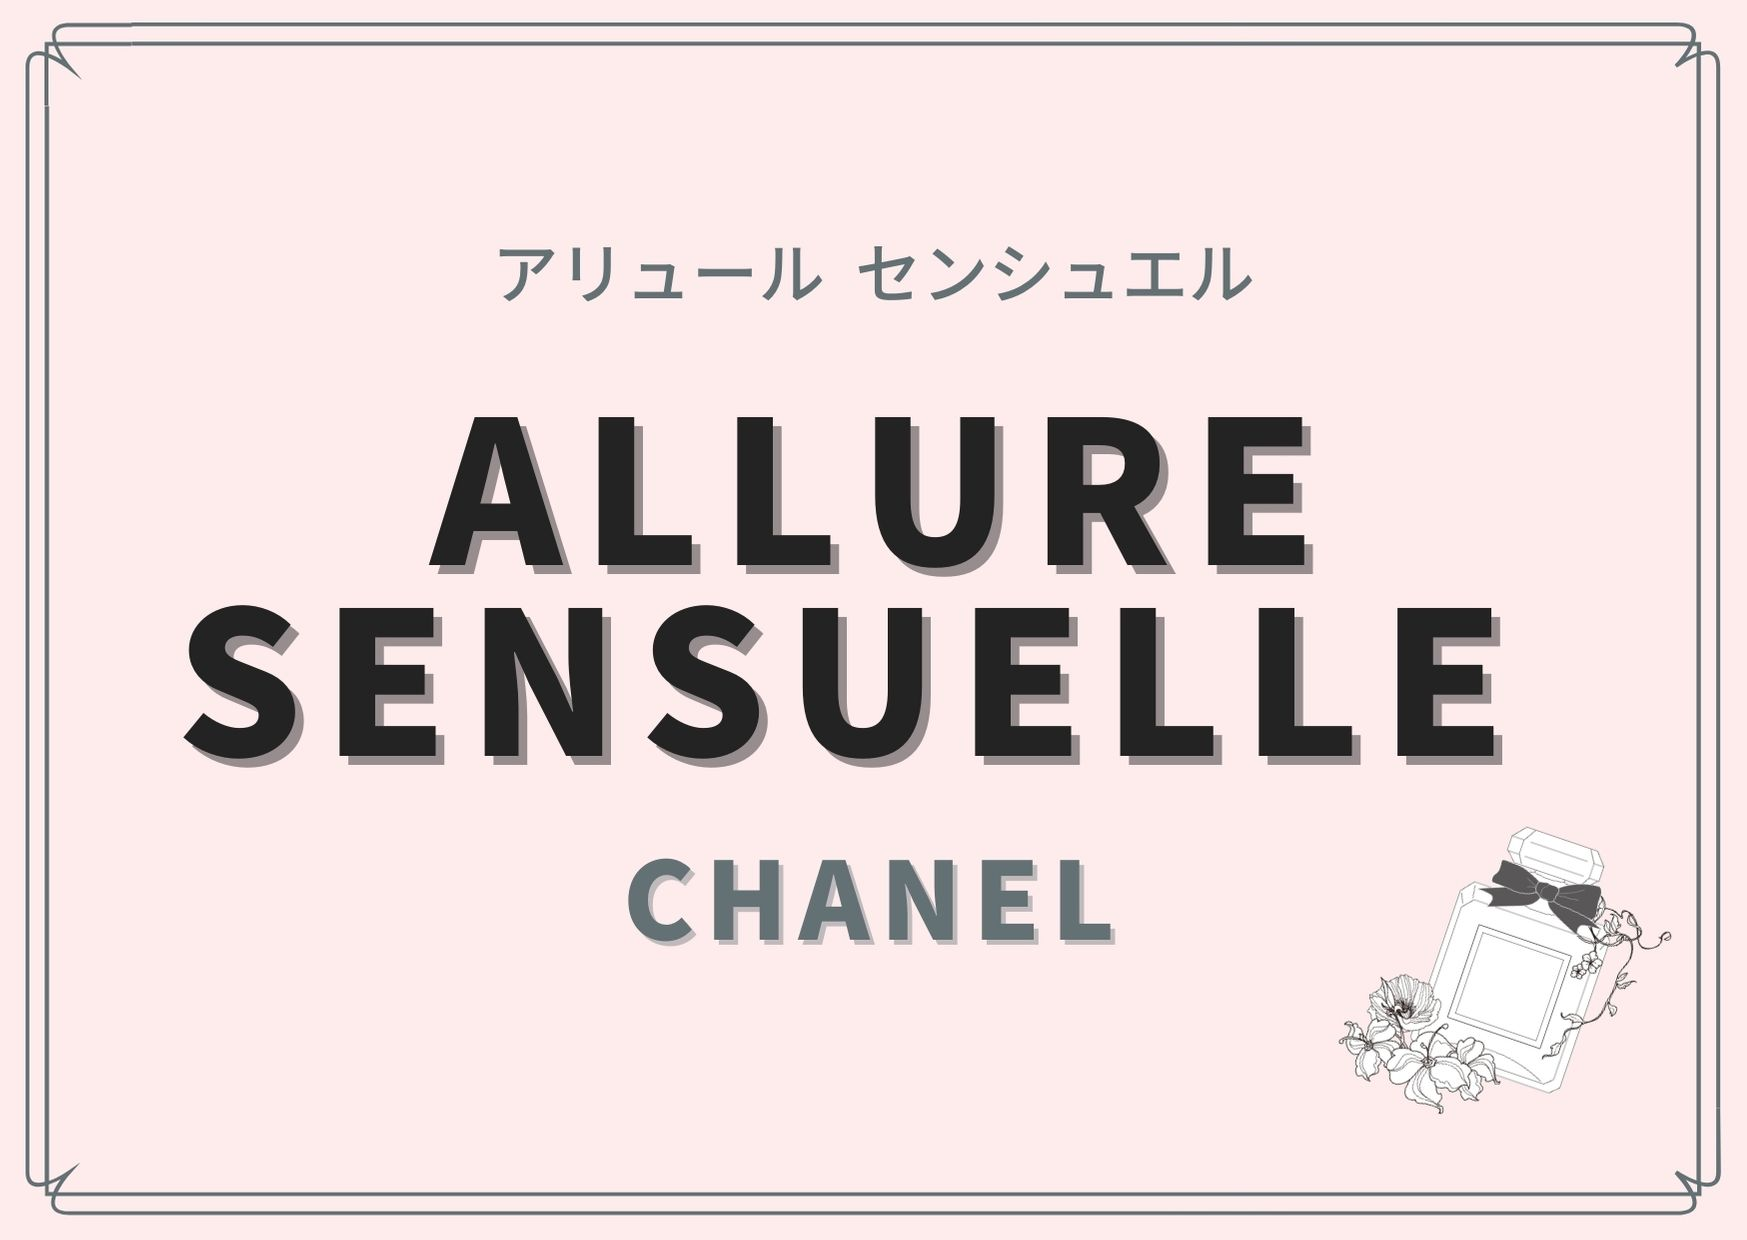 ALLURE SENSUELLE (アリュール  センシュエル)/ CHANEL(シャネル)